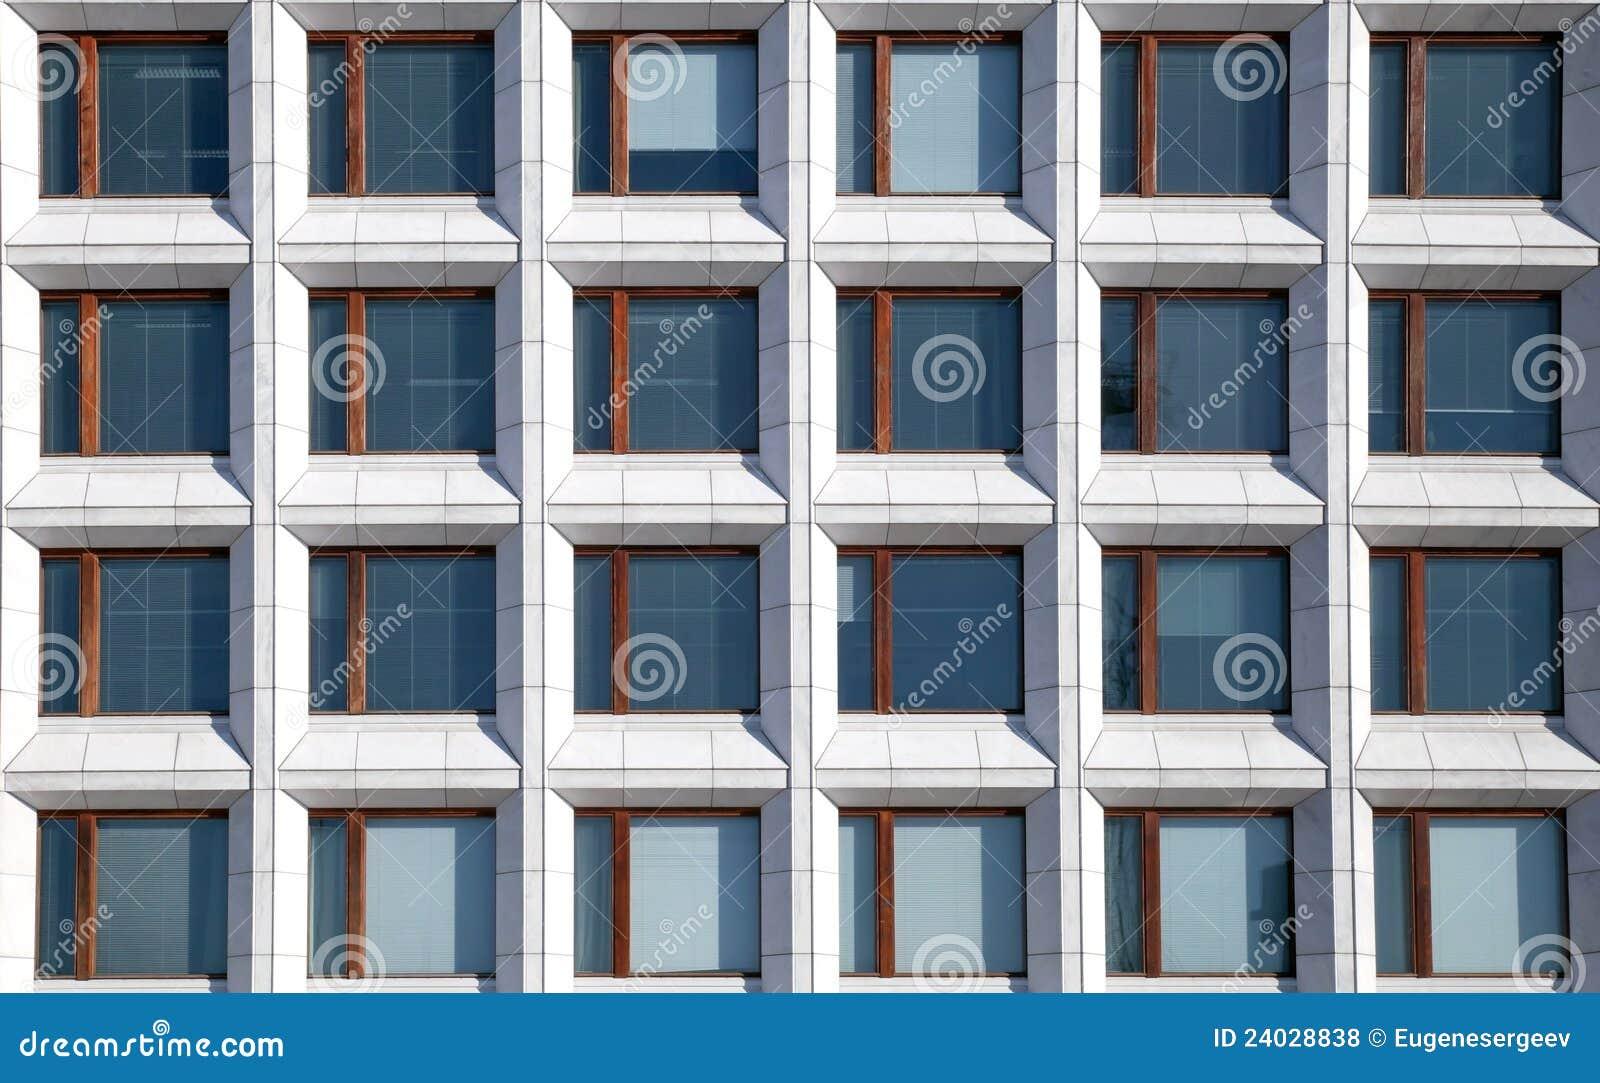 скачать текстуры зданий: